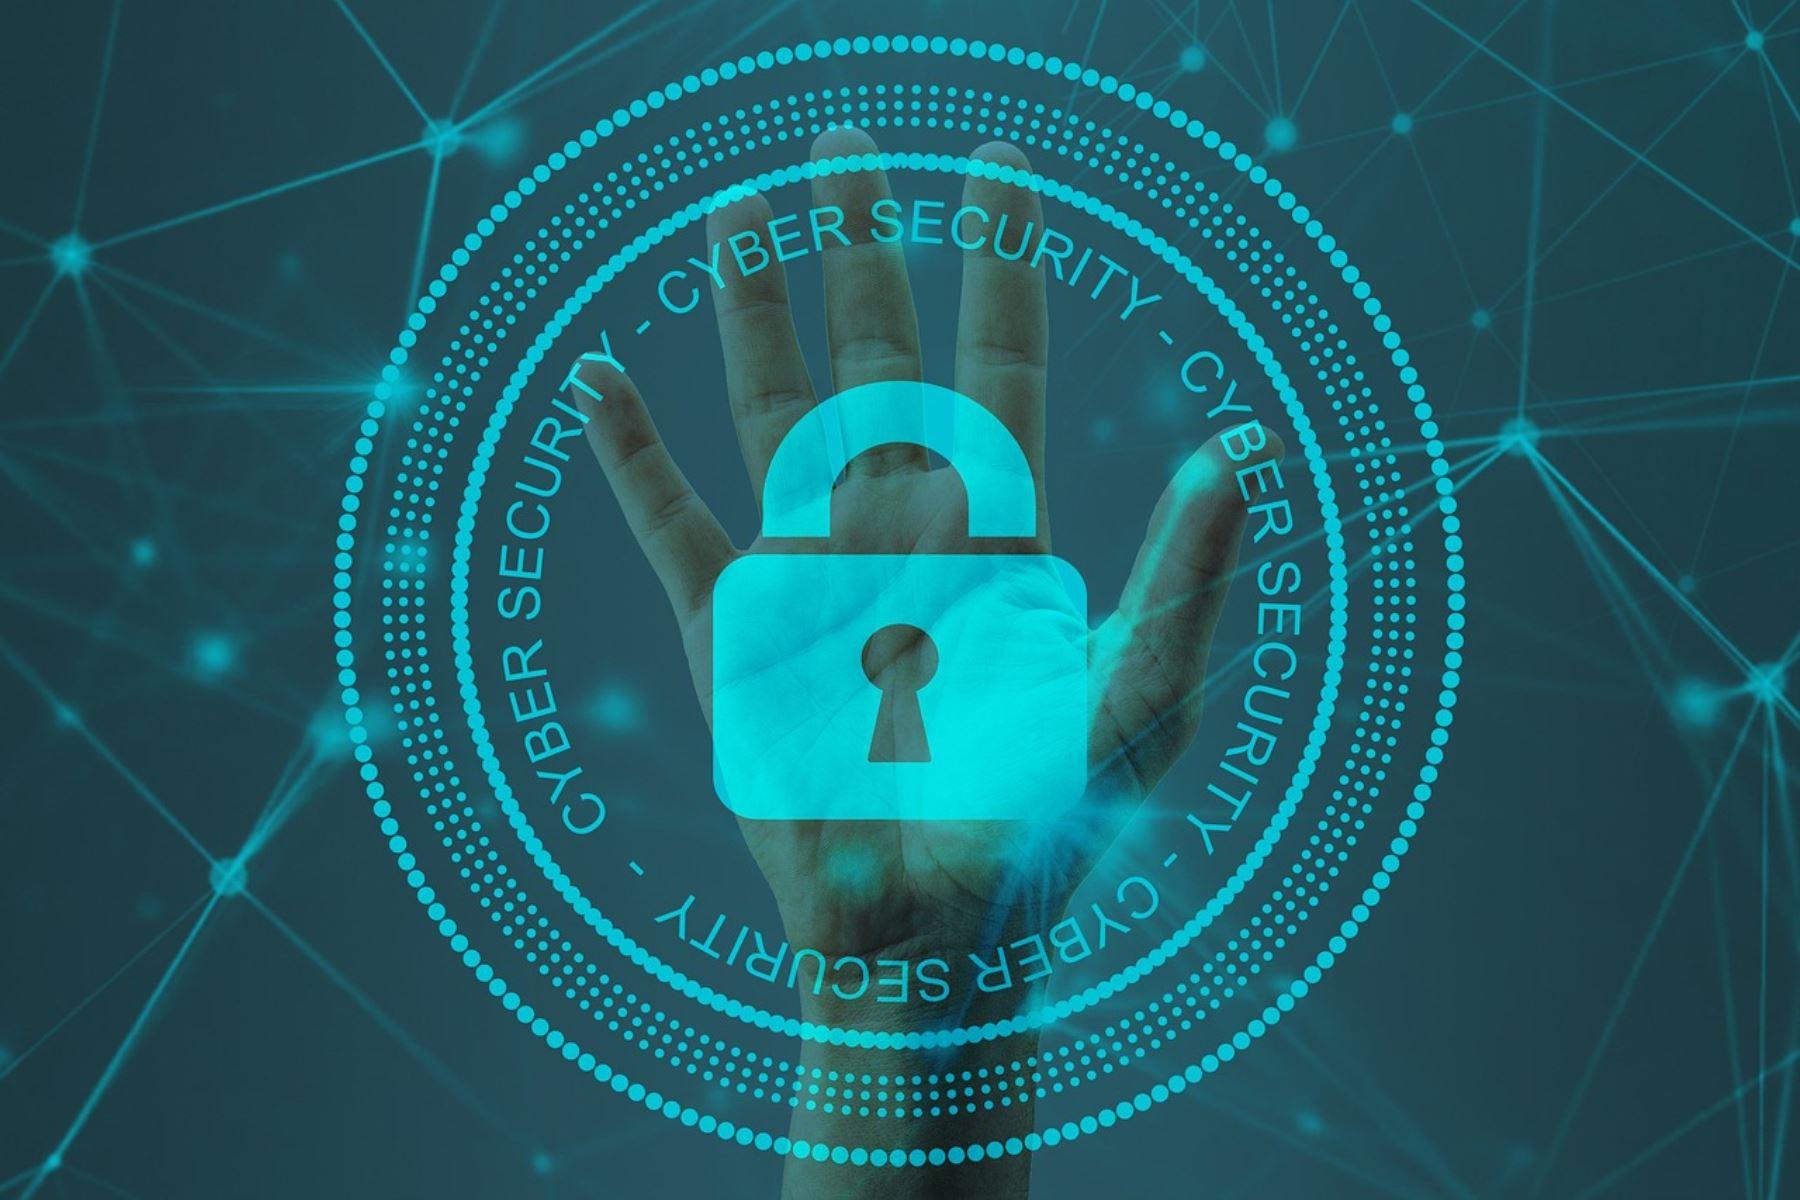 Conoce cinco formas de consolidar una cultura de ciberseguridad